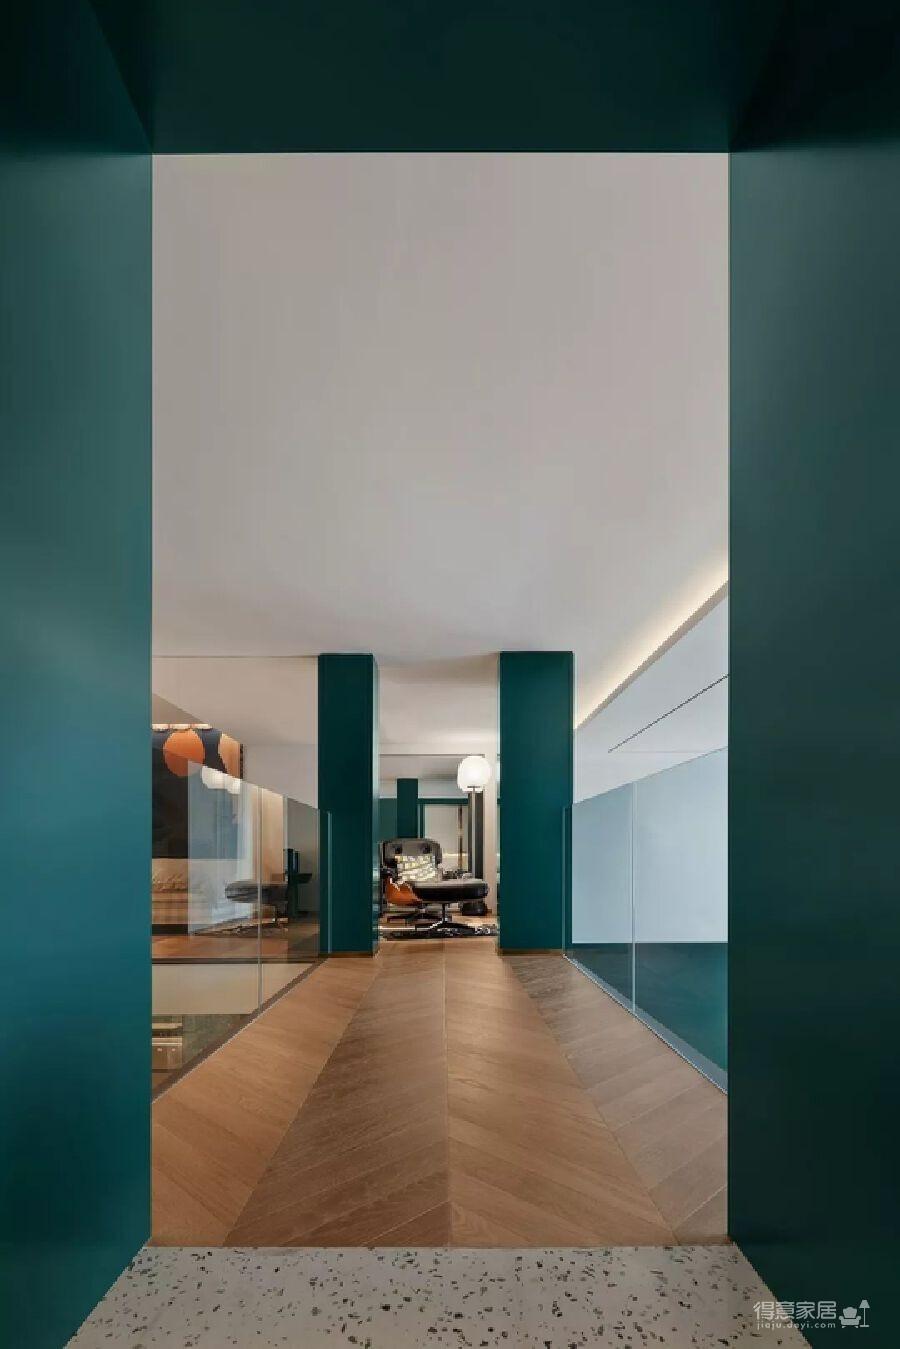 300m² 复式豪宅,给自己一个可以安放灵魂的家!图_12